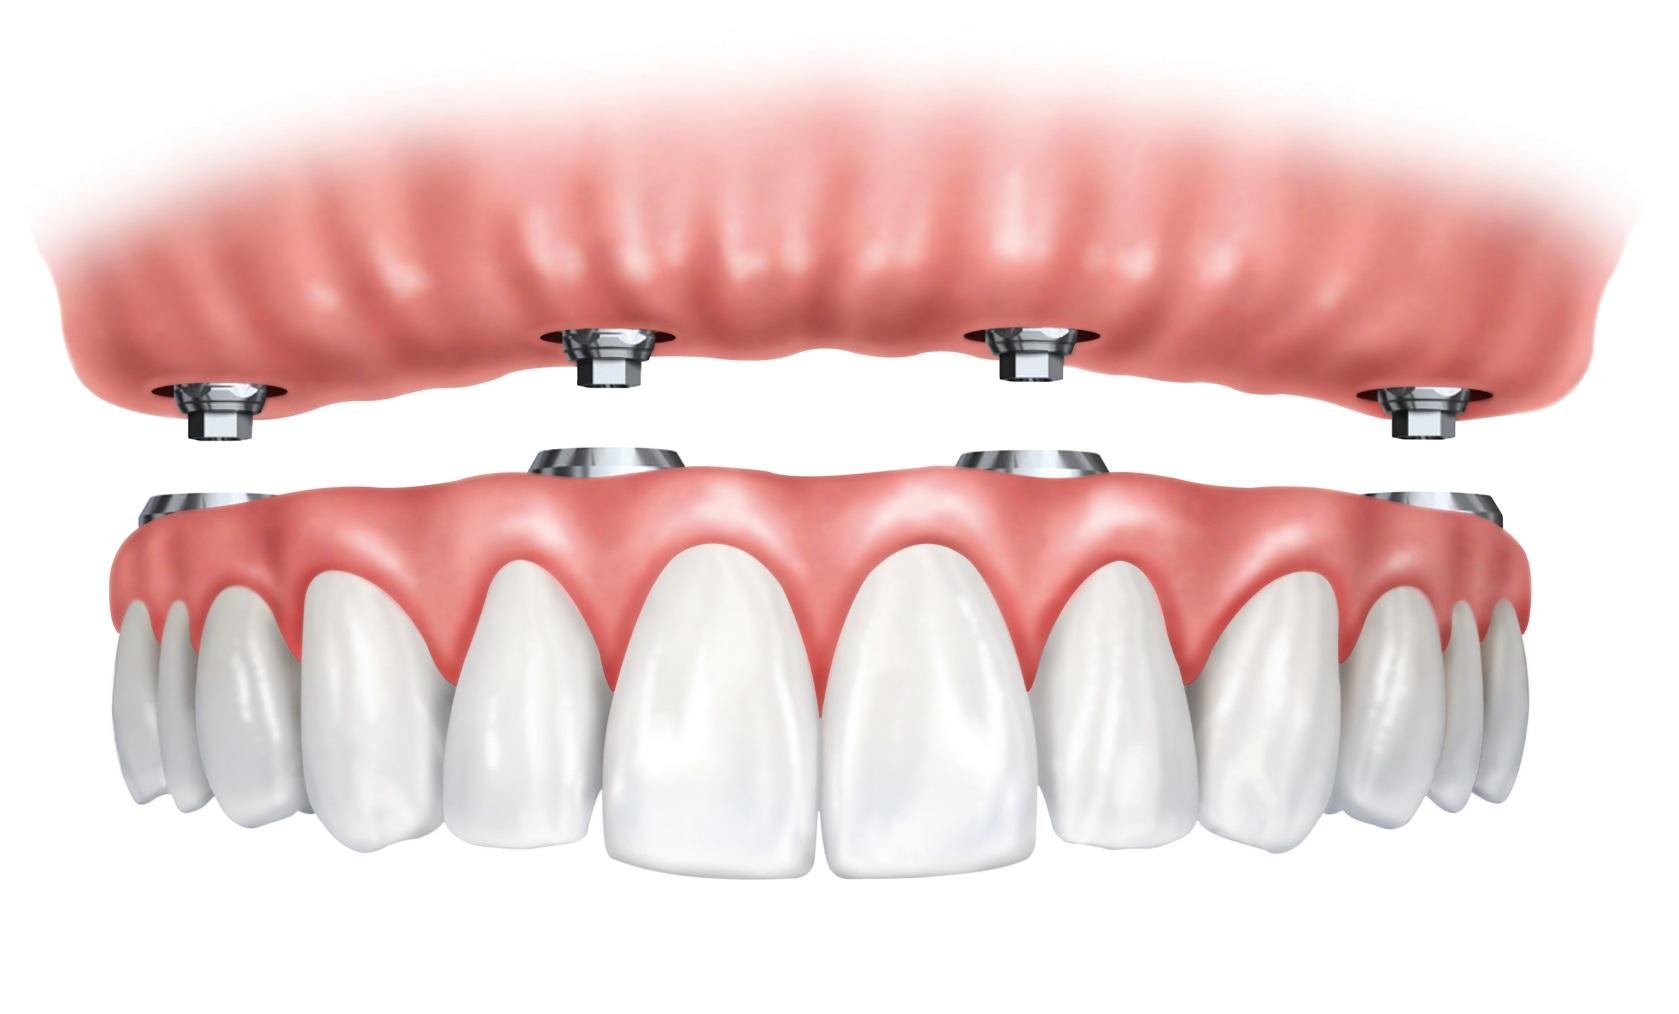 Viso žandikaulio dantų atkūrimas naudojant tik 4 implantus.